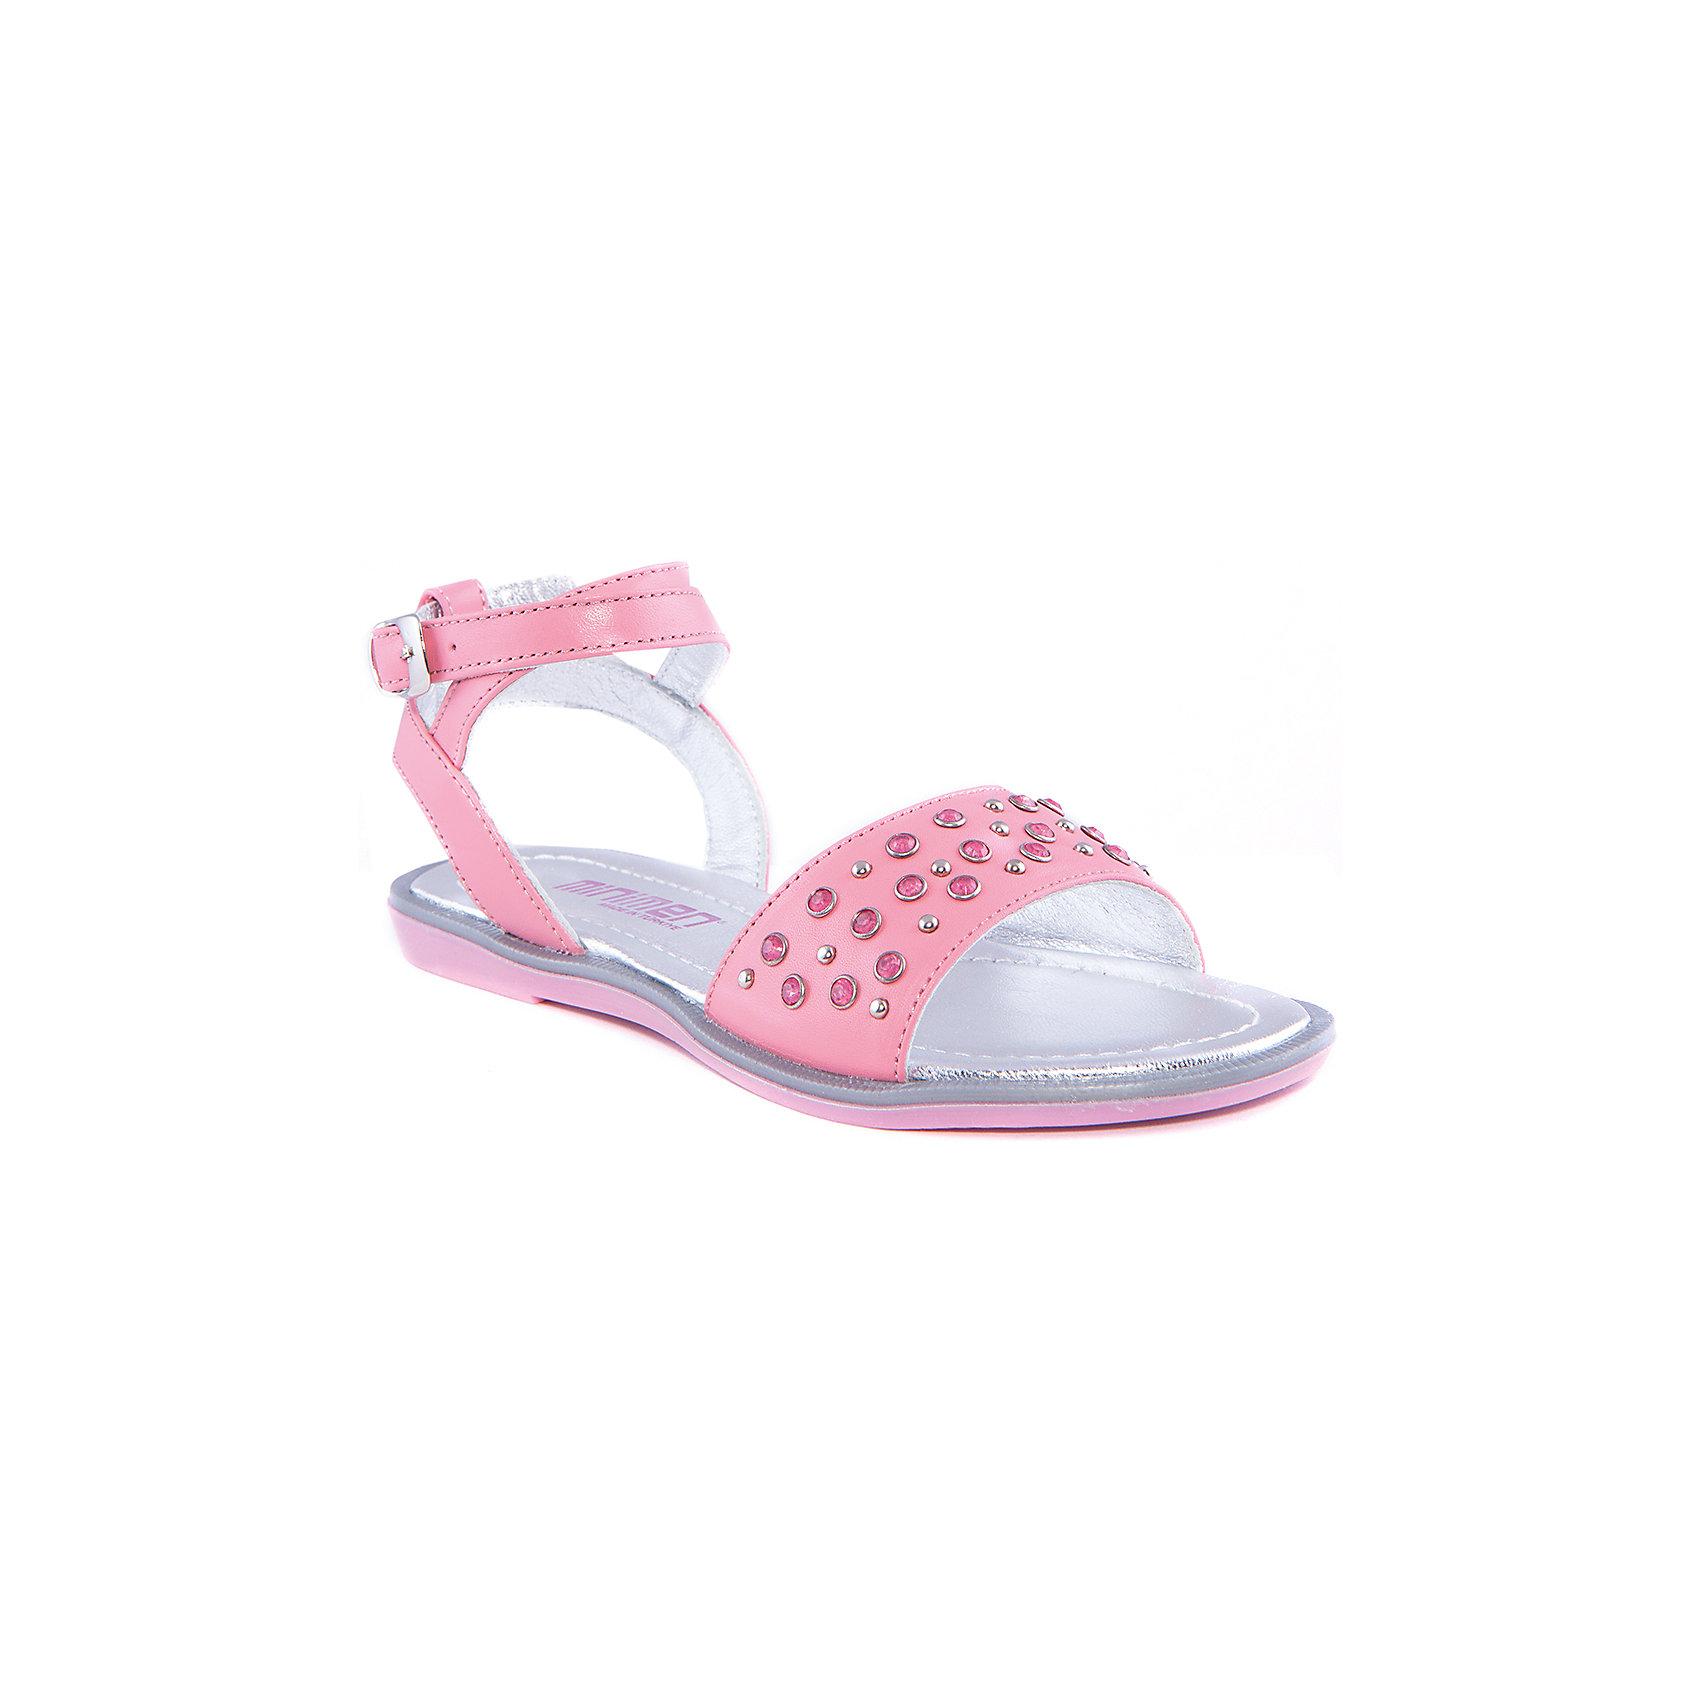 Босоножки для девочки MinimenБосоножки<br>Модные сандалии для девочки от известного турецкого бренда Minimen. Изделие предназначено для использования в сухую погоду при температуре воздуха выше +20 градусов и обладает следующими особенностями:<br>- розовый цвет, эффектный декор;<br>- узкий ремешок с традиционной пряжкой;<br>- подкладка и стелька из натуральной кожи серебряного цвета;<br>- легкая подошва.<br>Очаровательные сандалии для Вашей любимой модницы<br><br>Дополнительная информация:<br>- Температурный режим: выше +20 градусов<br>- Состав: <br>Материал верха: натуральная кожа 100%; <br>Материал подкладки: натуральная кожа 100%; <br>Материал подошвы: термопластик 100%<br><br>Сандалии для девочки Minimen (Минимен) можно купить в нашем магазине<br><br>Ширина мм: 219<br>Глубина мм: 154<br>Высота мм: 121<br>Вес г: 343<br>Цвет: розовый<br>Возраст от месяцев: 144<br>Возраст до месяцев: 156<br>Пол: Женский<br>Возраст: Детский<br>Размер: 36,31,35,34,33,32<br>SKU: 4005732